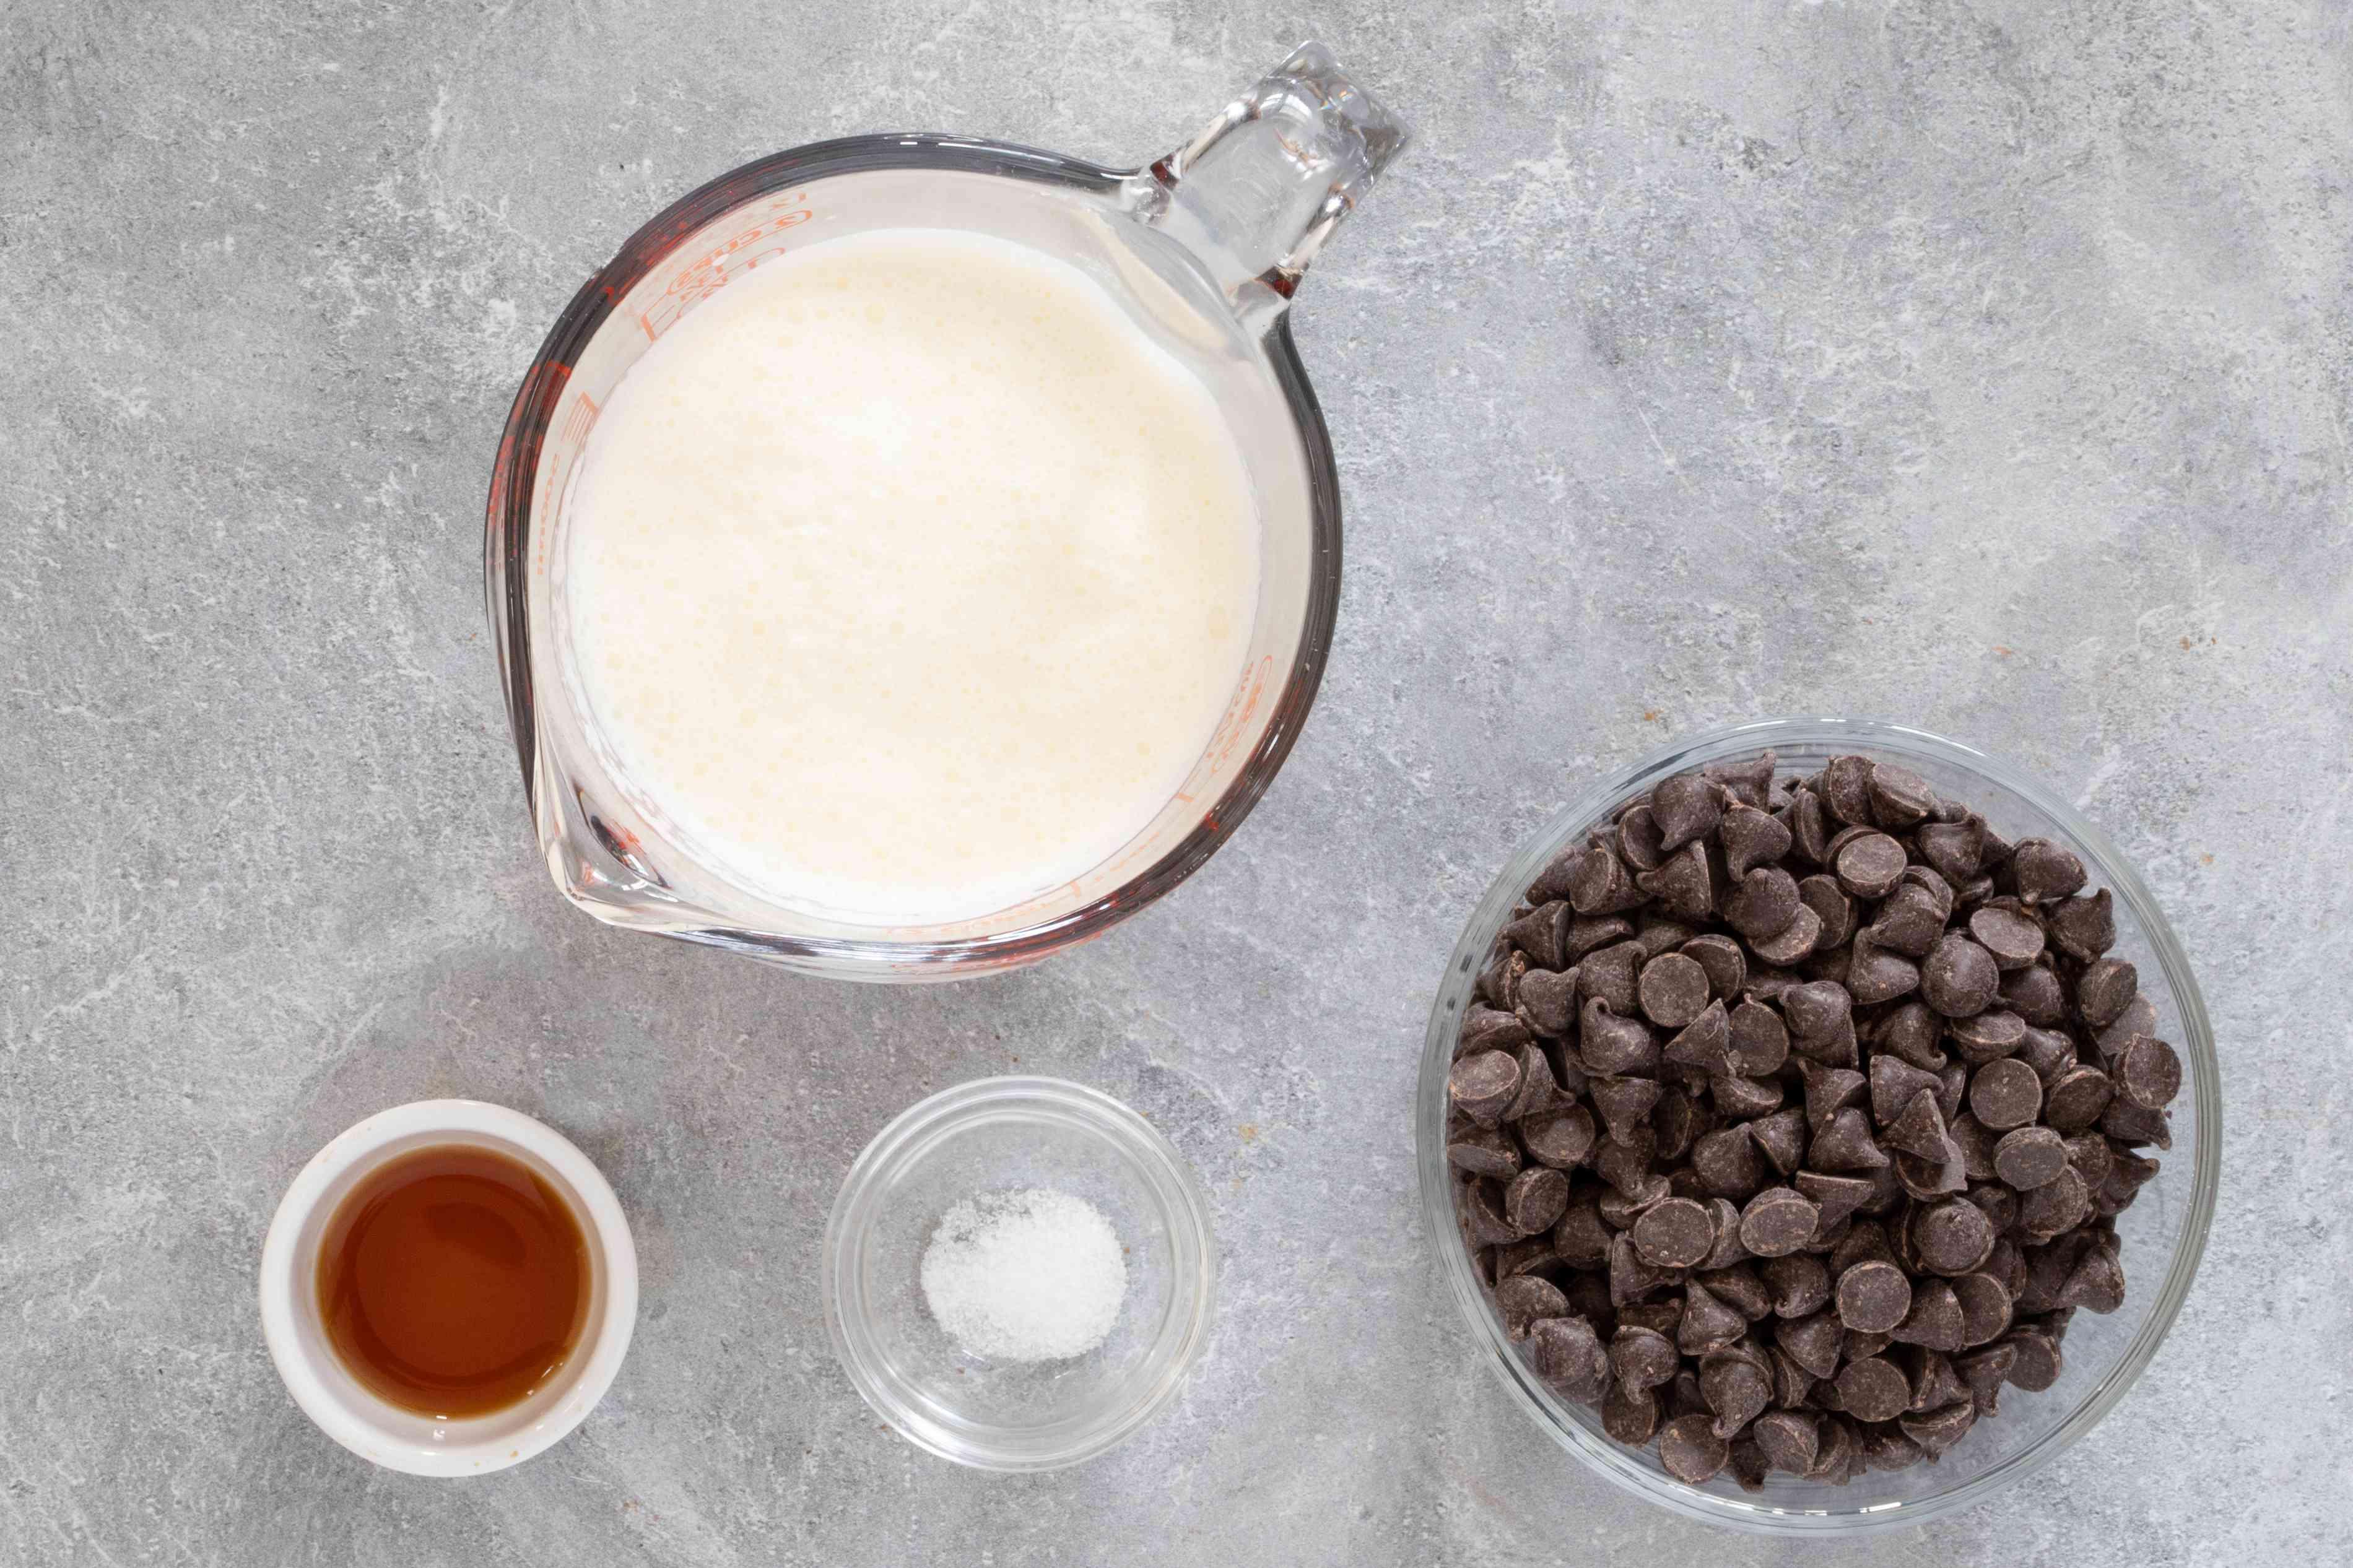 ingredients for ganache